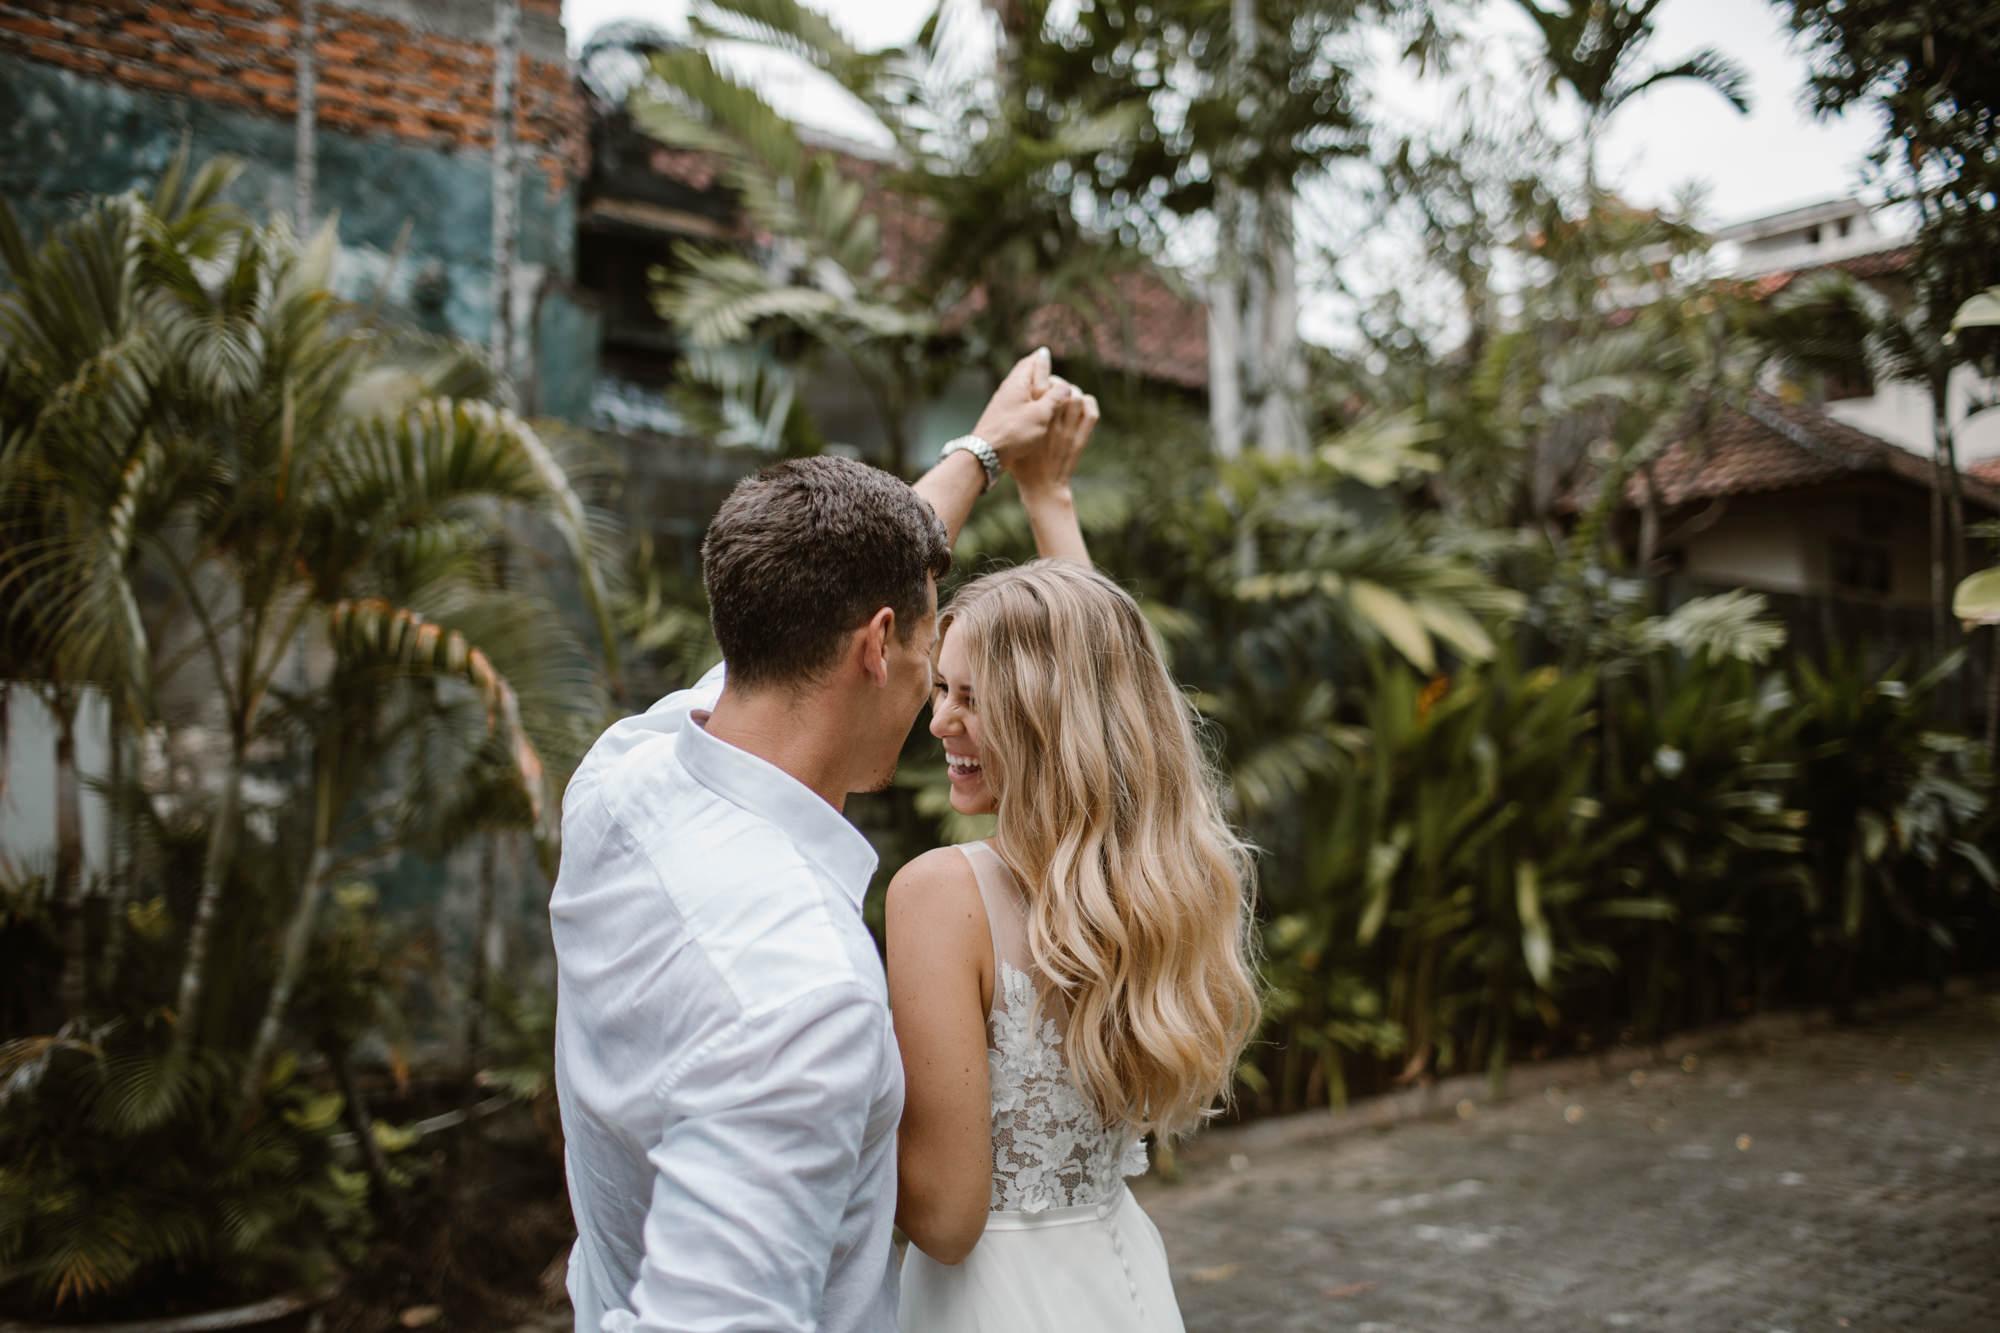 Chelsea + Grayson | Bali, Indonesia